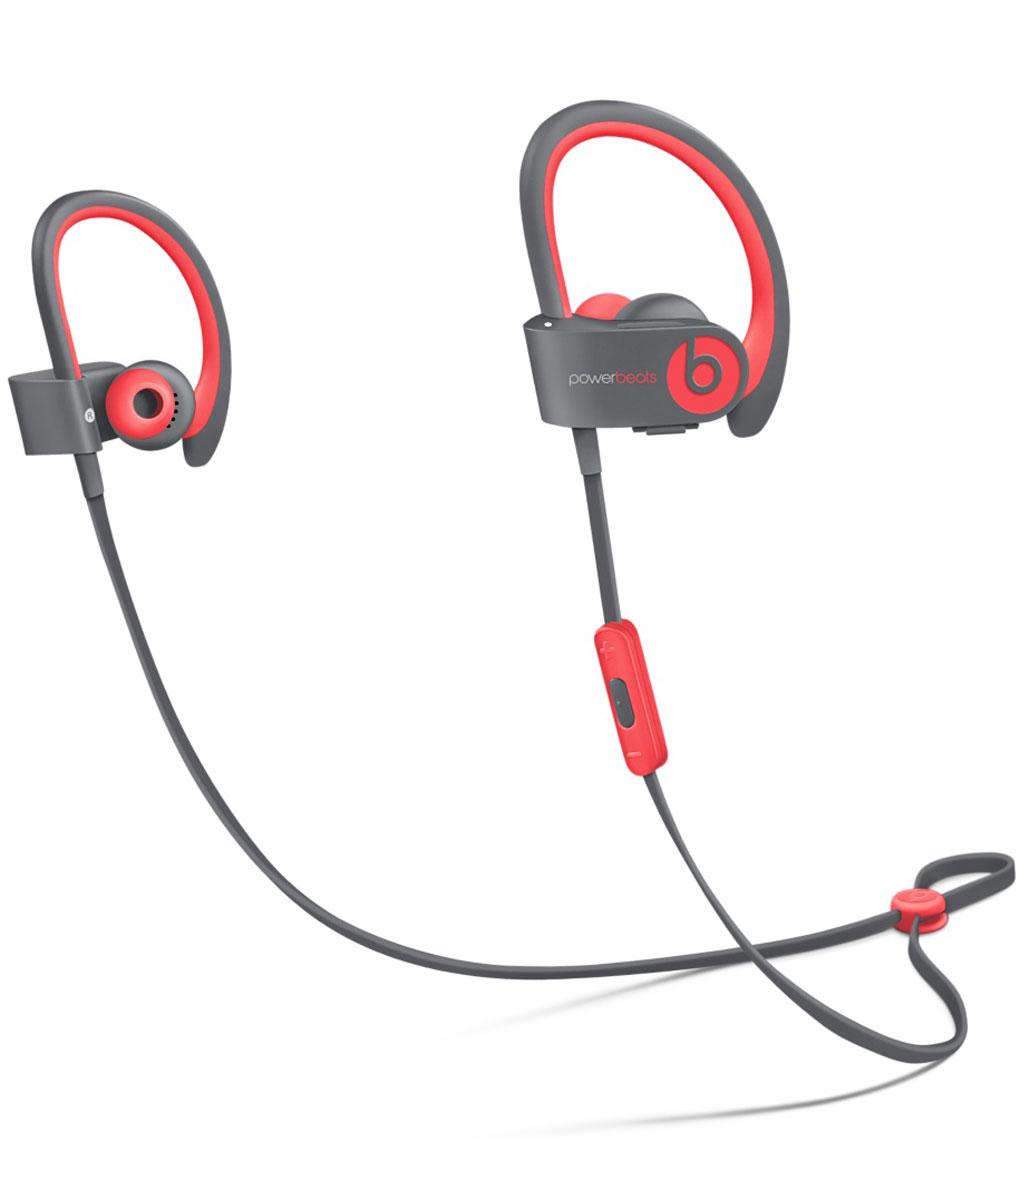 Beats Powerbeats2 Wireless Active Collection, Red Grey наушникиMKPY2ZE/AСтильные беспроводные наушники Beats Powerbeats2 Wireless из коллекции Active дают вам полную свободу на пробежках и тренировках с iPhone или iPod. Беспроводные наушники, вдохновлённые Леброном Джеймсом, бросают вызов обыденности, давая атлетам импульс к непревзойдённым результатам. Лёгкие и мощные, с двумя акустическими головками, совершенно новые беспроводные наушники воспроизводят звук великолепного качества на мощности, которая нужна вам для движения на пробежке или тренировке.От городских улиц до игровых площадок - наушники Powerbeats2 Wireless дают вам полную свободу на тренировках. Беспроводная технология Bluetooth даёт возможность подключаться к iPhone, iPod или другому устройству Bluetooth на расстоянии до 9 метров - вы можете свободно двигаться и сосредоточиться на спорте. Подзаряжаемый аккумулятор на 6 часов воспроизведения даст вам силы выстоять до конца. А если он разрядился, 15-минутная быстрая зарядка обеспечит ему дополнительный час работы. Не дайте поту вас остановить. Наушники Powerbeats2 Wireless защищены от пота и воды, а дополнительное покрытие на пульте RemoteTalk исключает скольжение, когда вы регулируете громкость, переключаете треки и звоните через гарнитуру. Добавьте силы своему звуку. Акустическая система с двумя головками воспроизводит широкий диапазон частот с чёткими высокими тонами и мощными басами, вдохновляя вас на пробежках и тренировках.